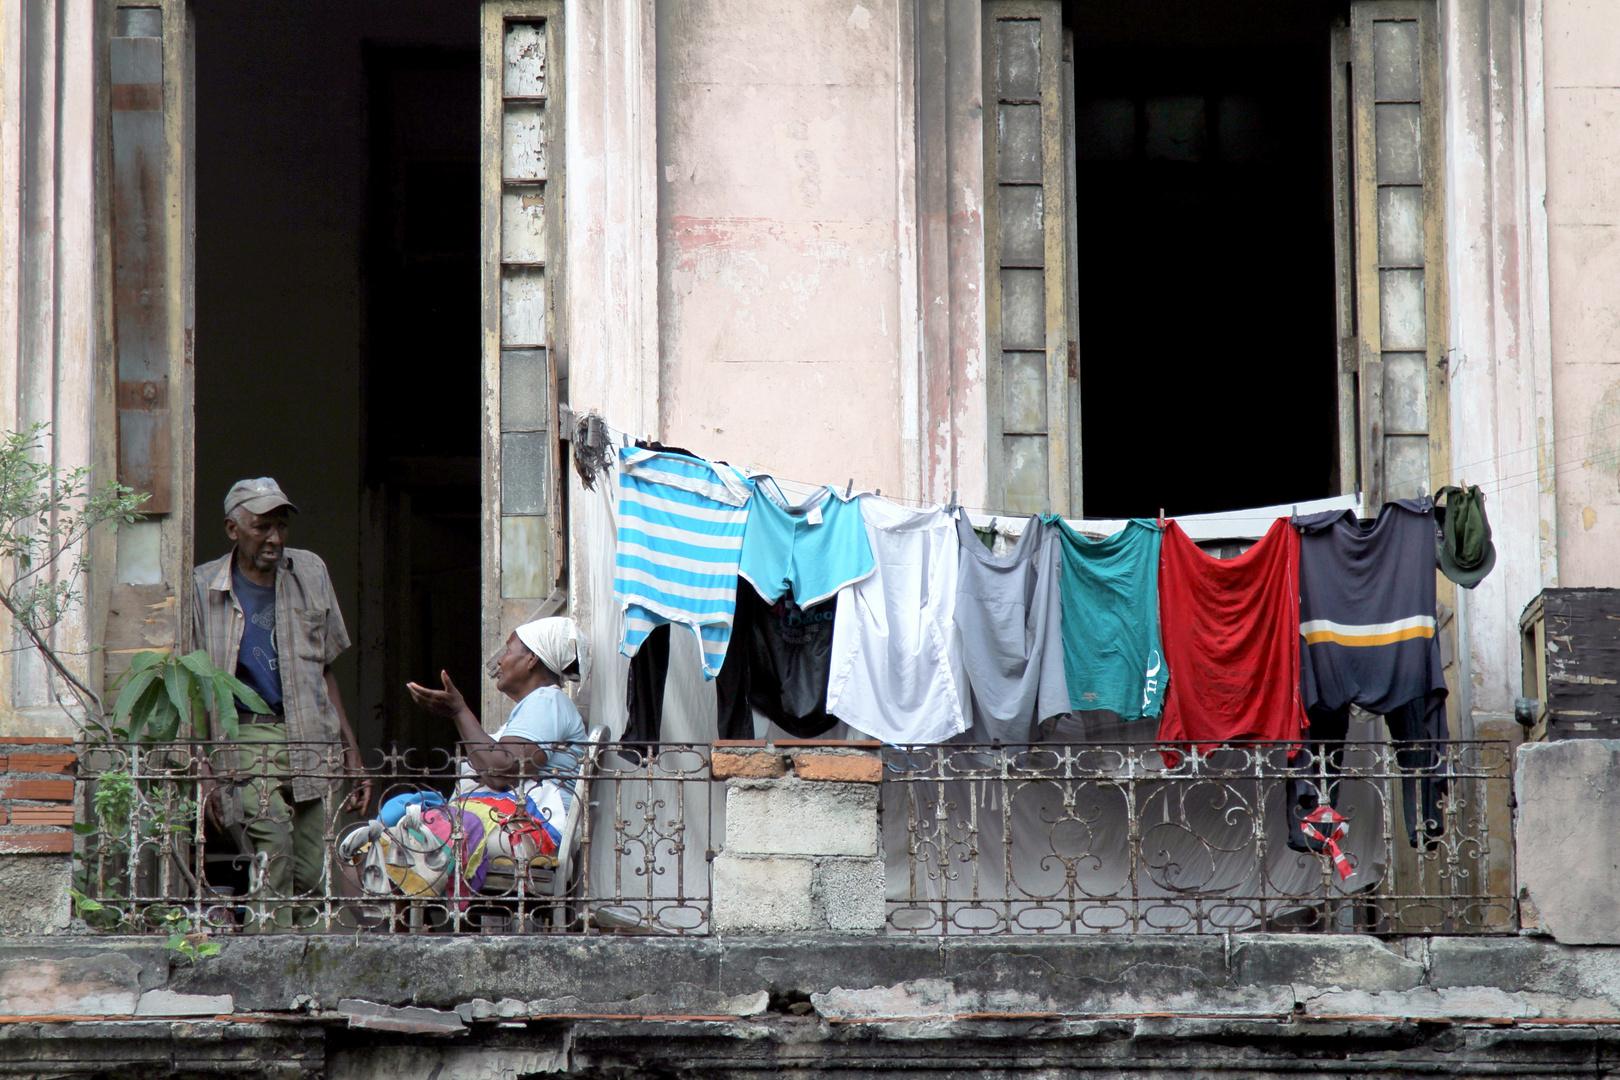 Balkon in Kuba